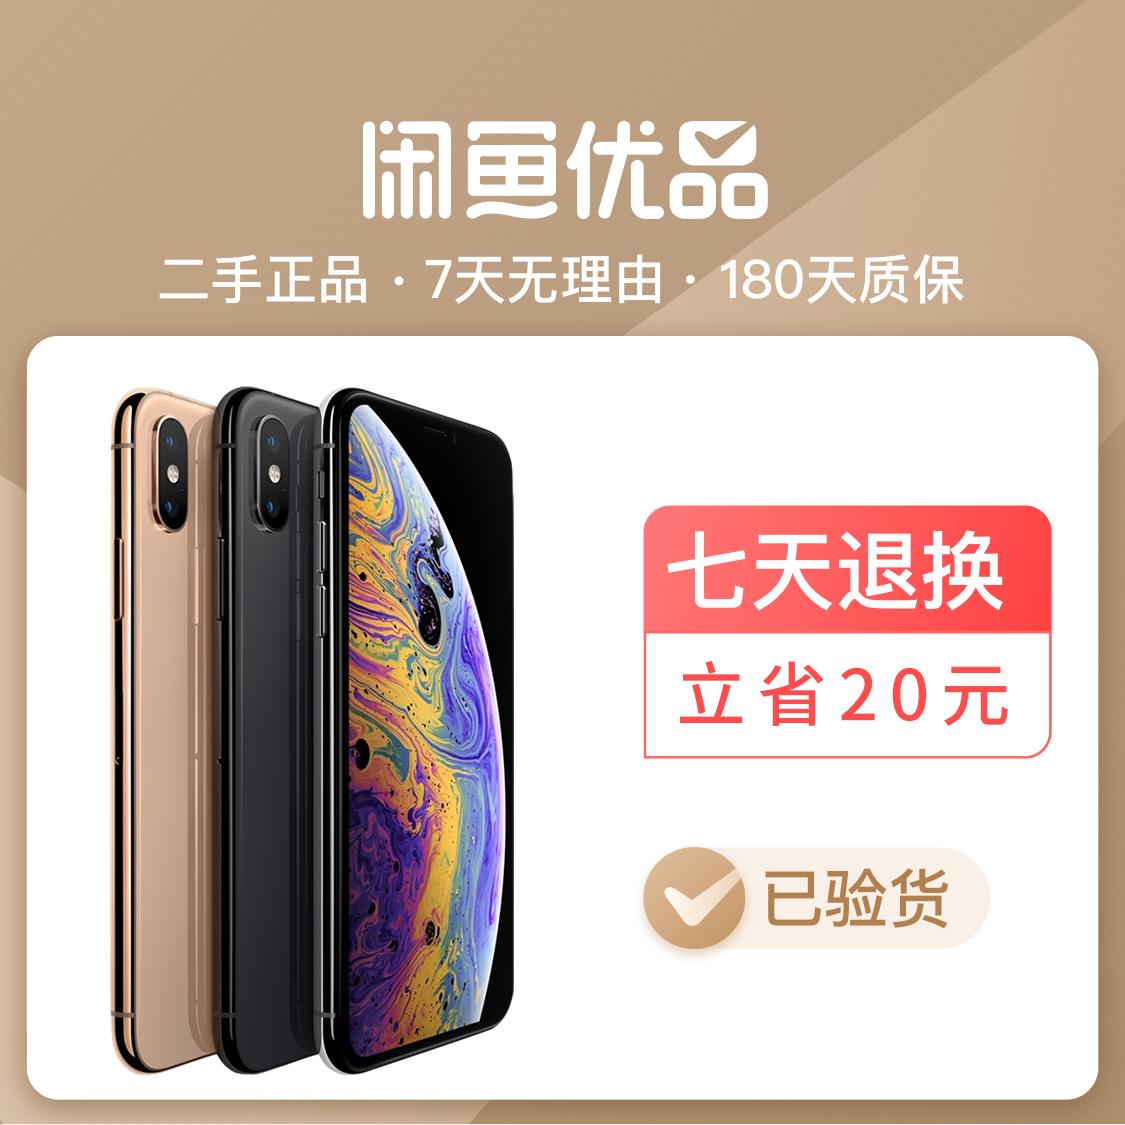 闲鱼优品 苹果iPhone Xs Max 原装正品激活新机Xr全网通二手手机